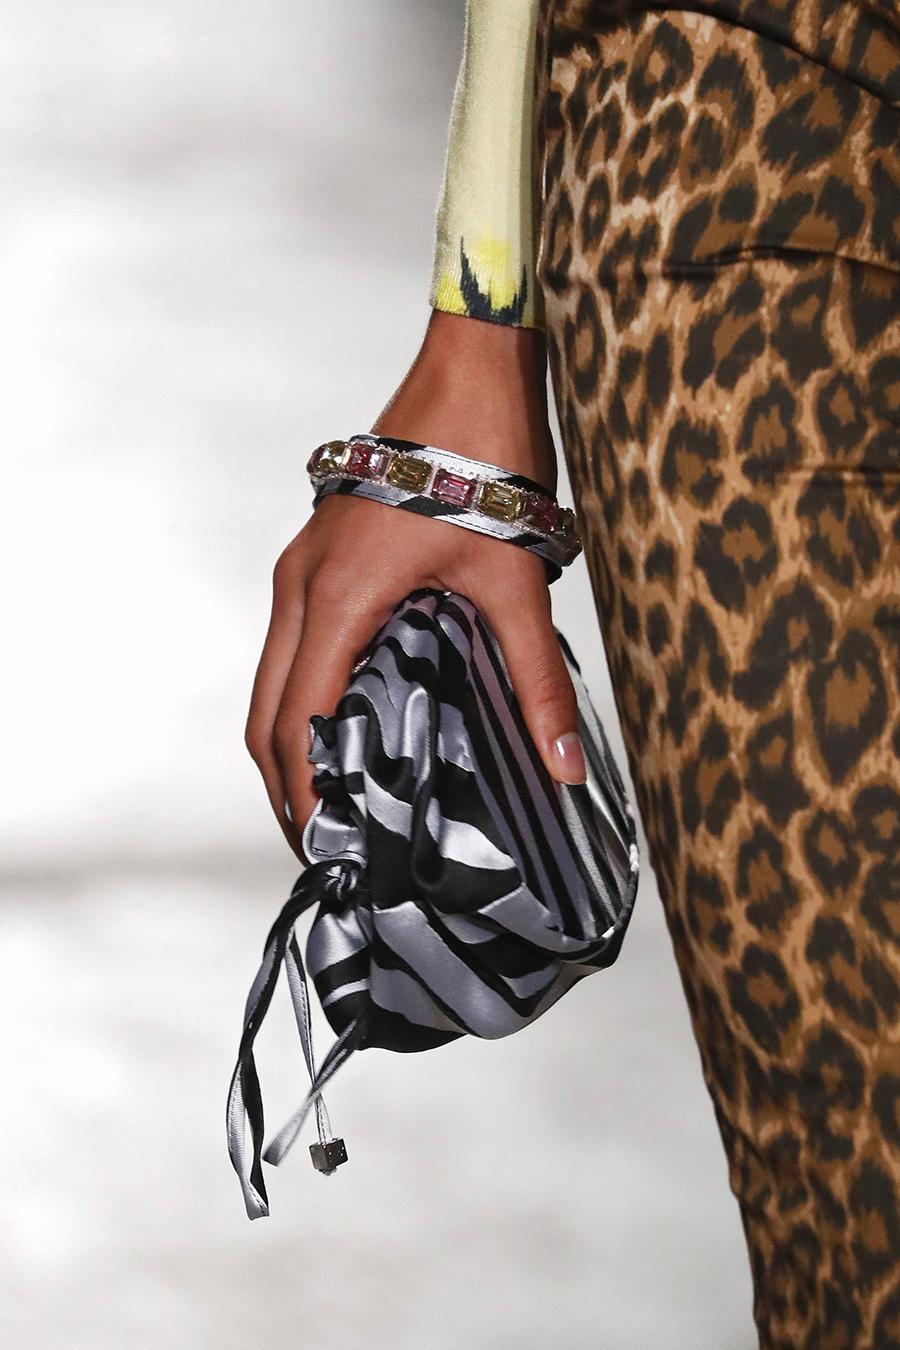 модная женская сумка лето 2021 клатч тоут шоппер пауч на затяжках кожаная серебряная блестящая черная полосатая